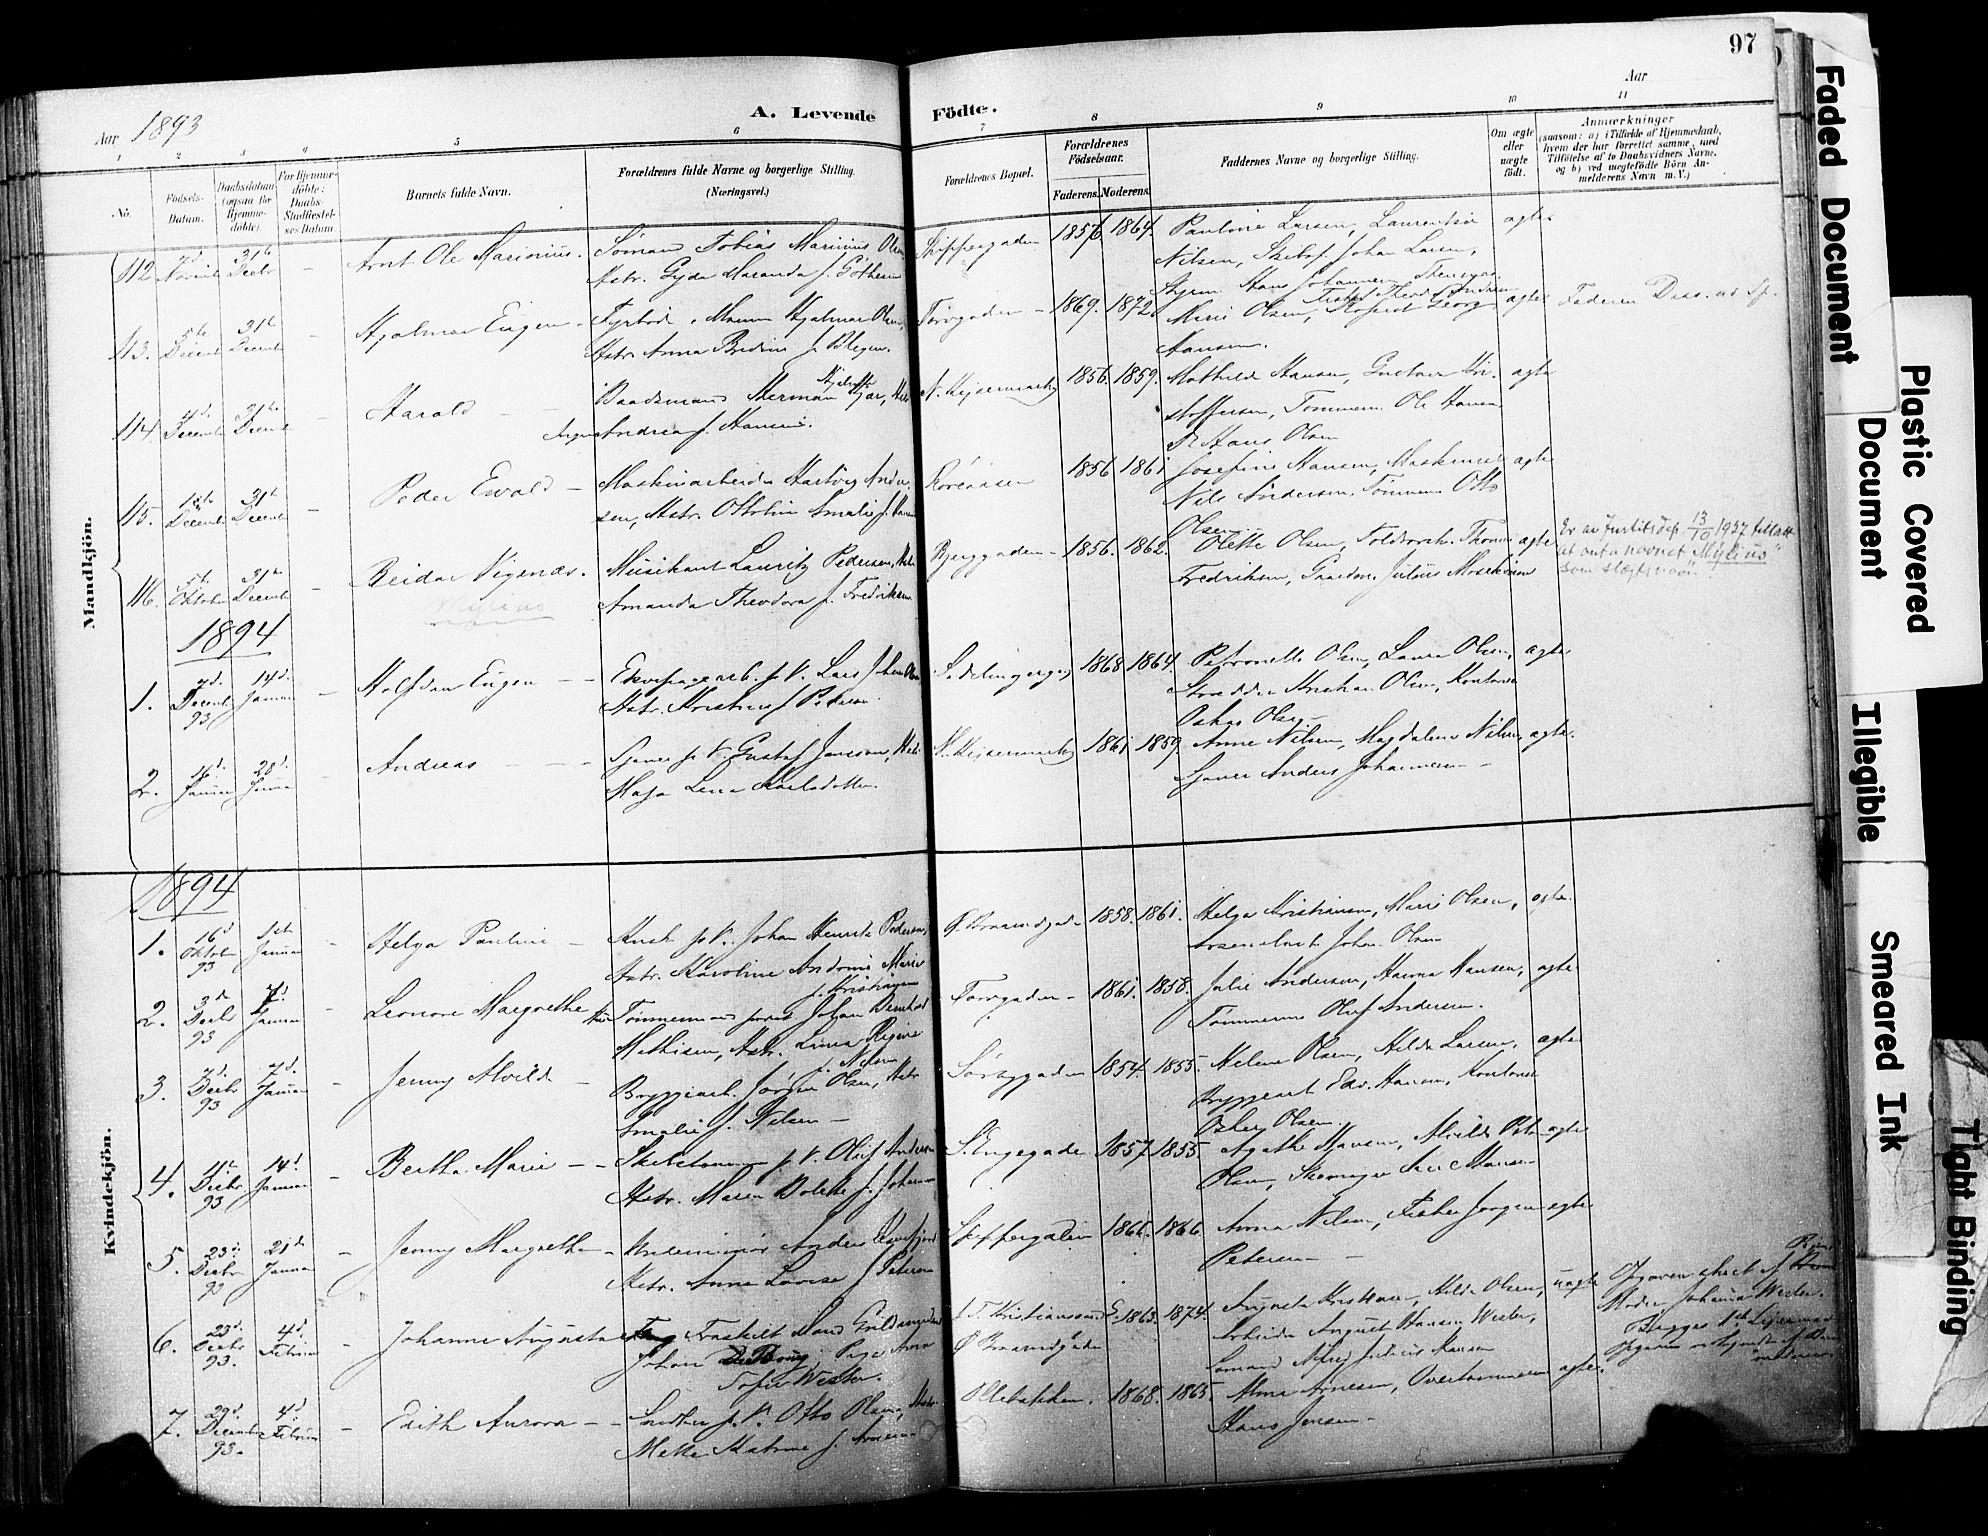 SAKO, Horten kirkebøker, F/Fa/L0004: Ministerialbok nr. 4, 1888-1895, s. 97